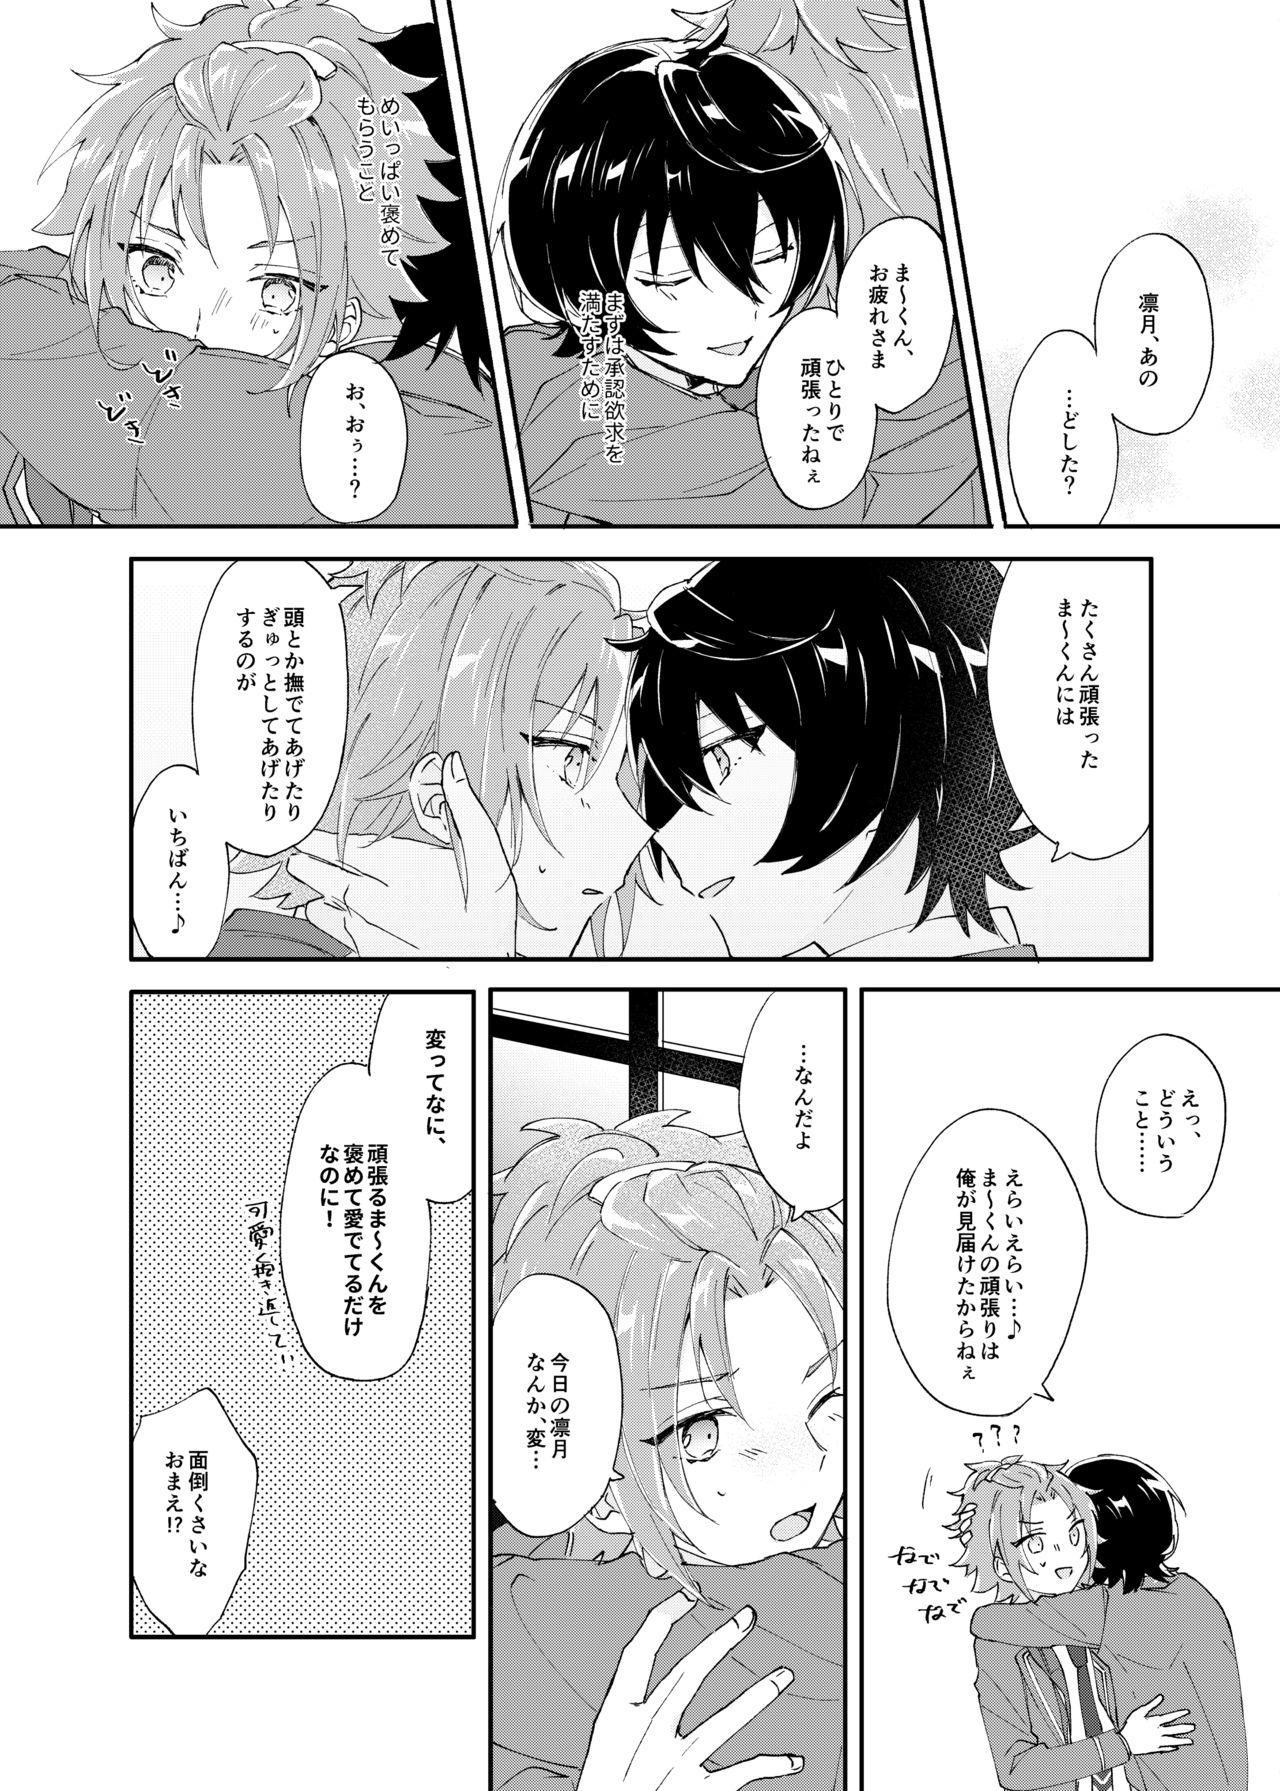 Rou o Tokashite 7